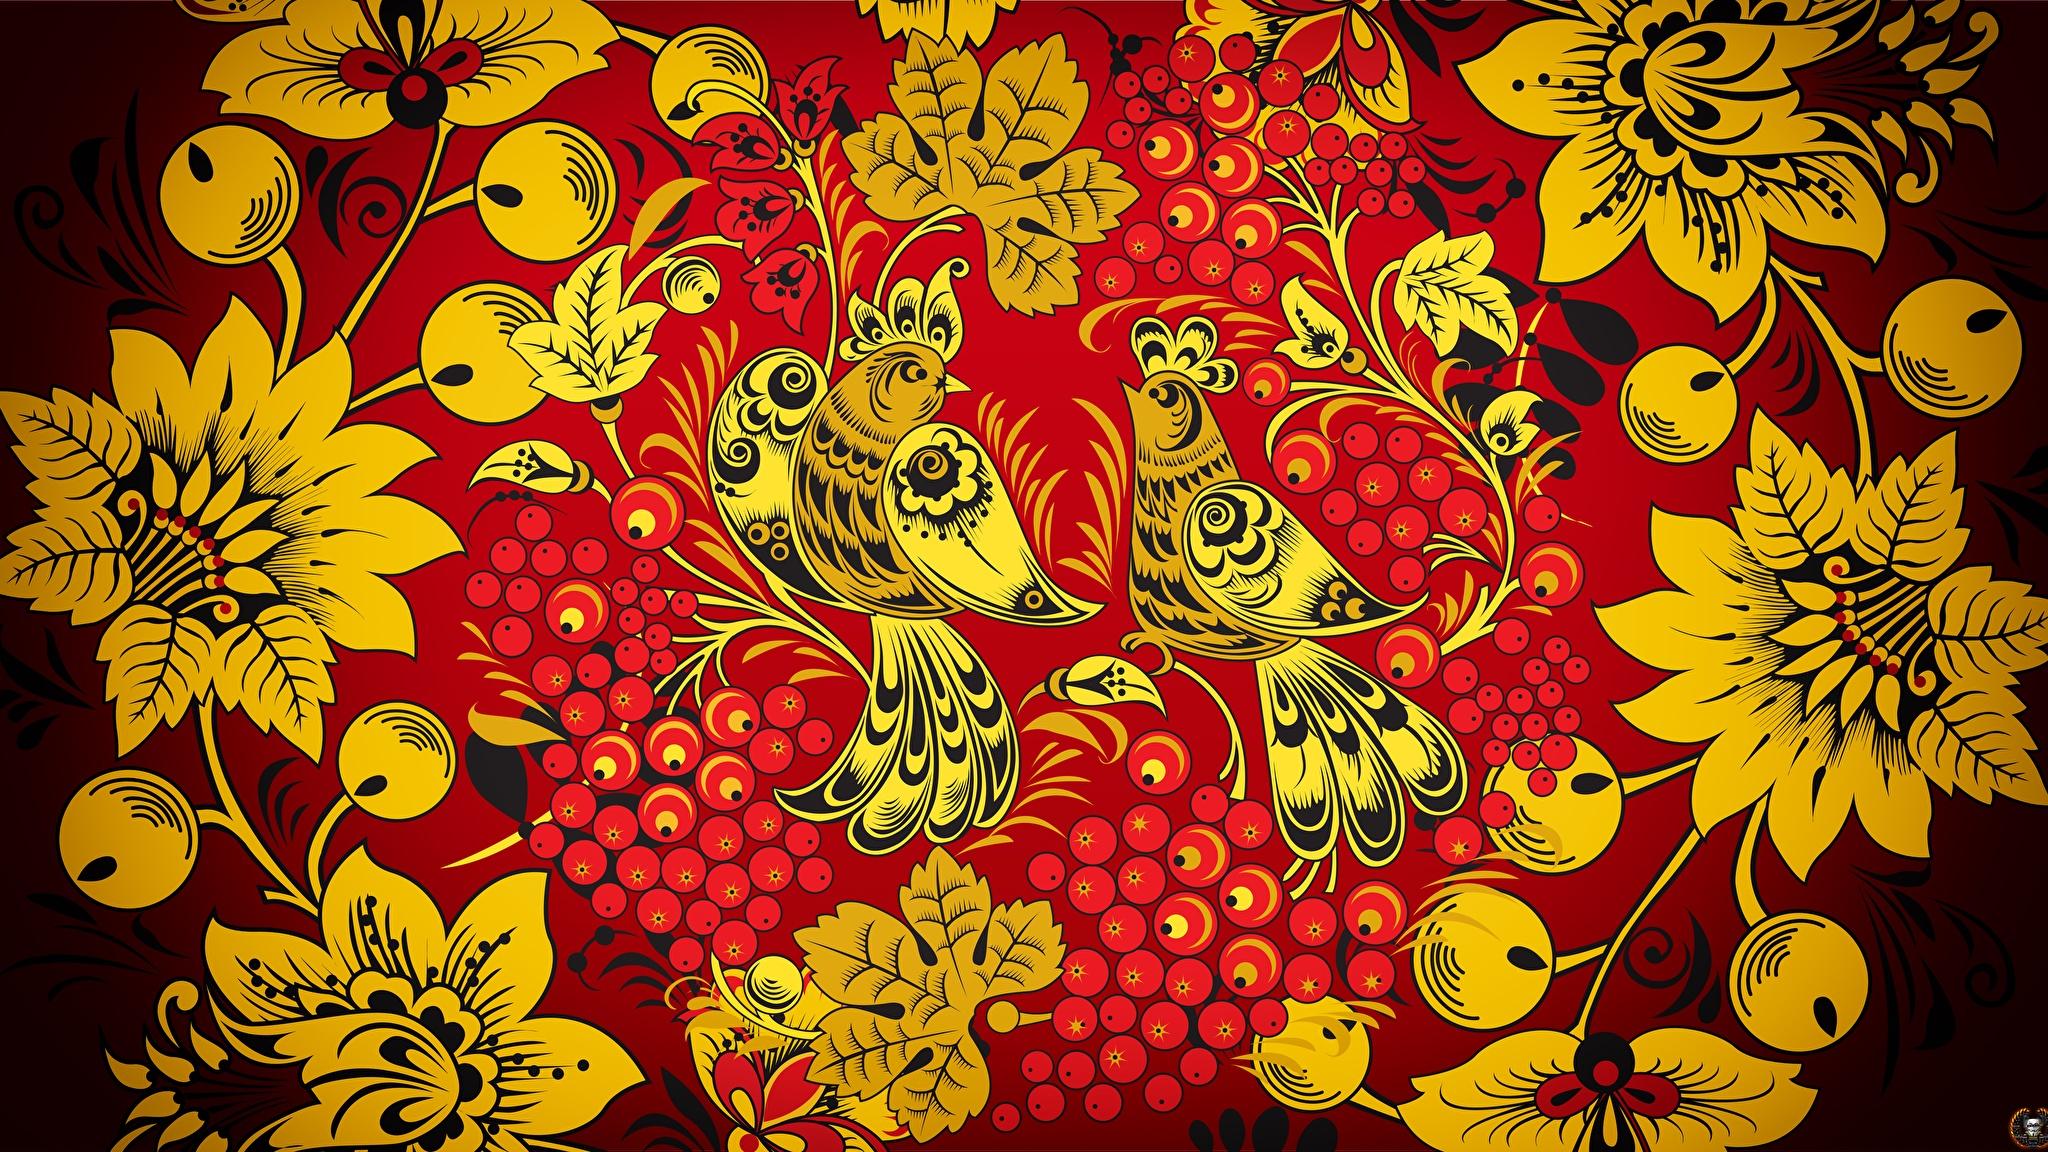 Bilder von Vögel Textur Russische Khokhloma 2048x1152